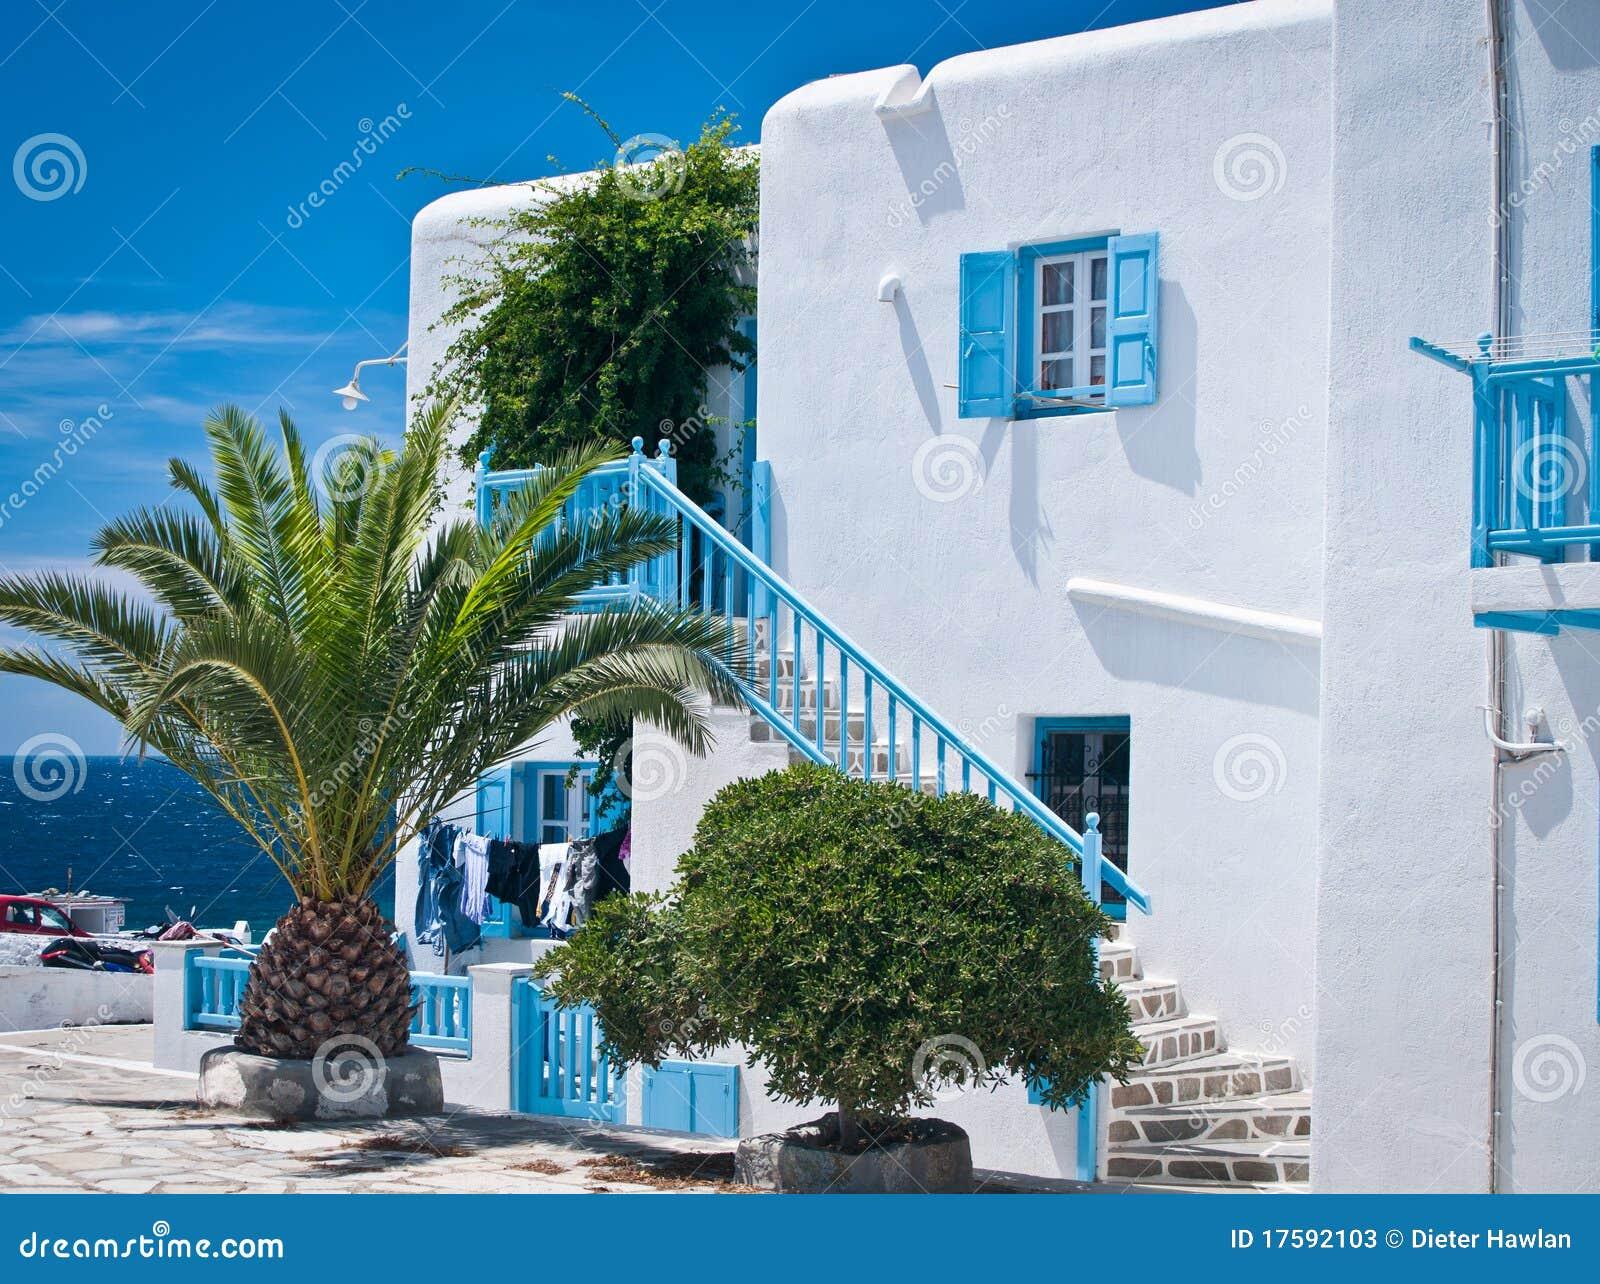 Casa en las islas griegas fotos de archivo imagen 17592103 for Casas en islas griegas